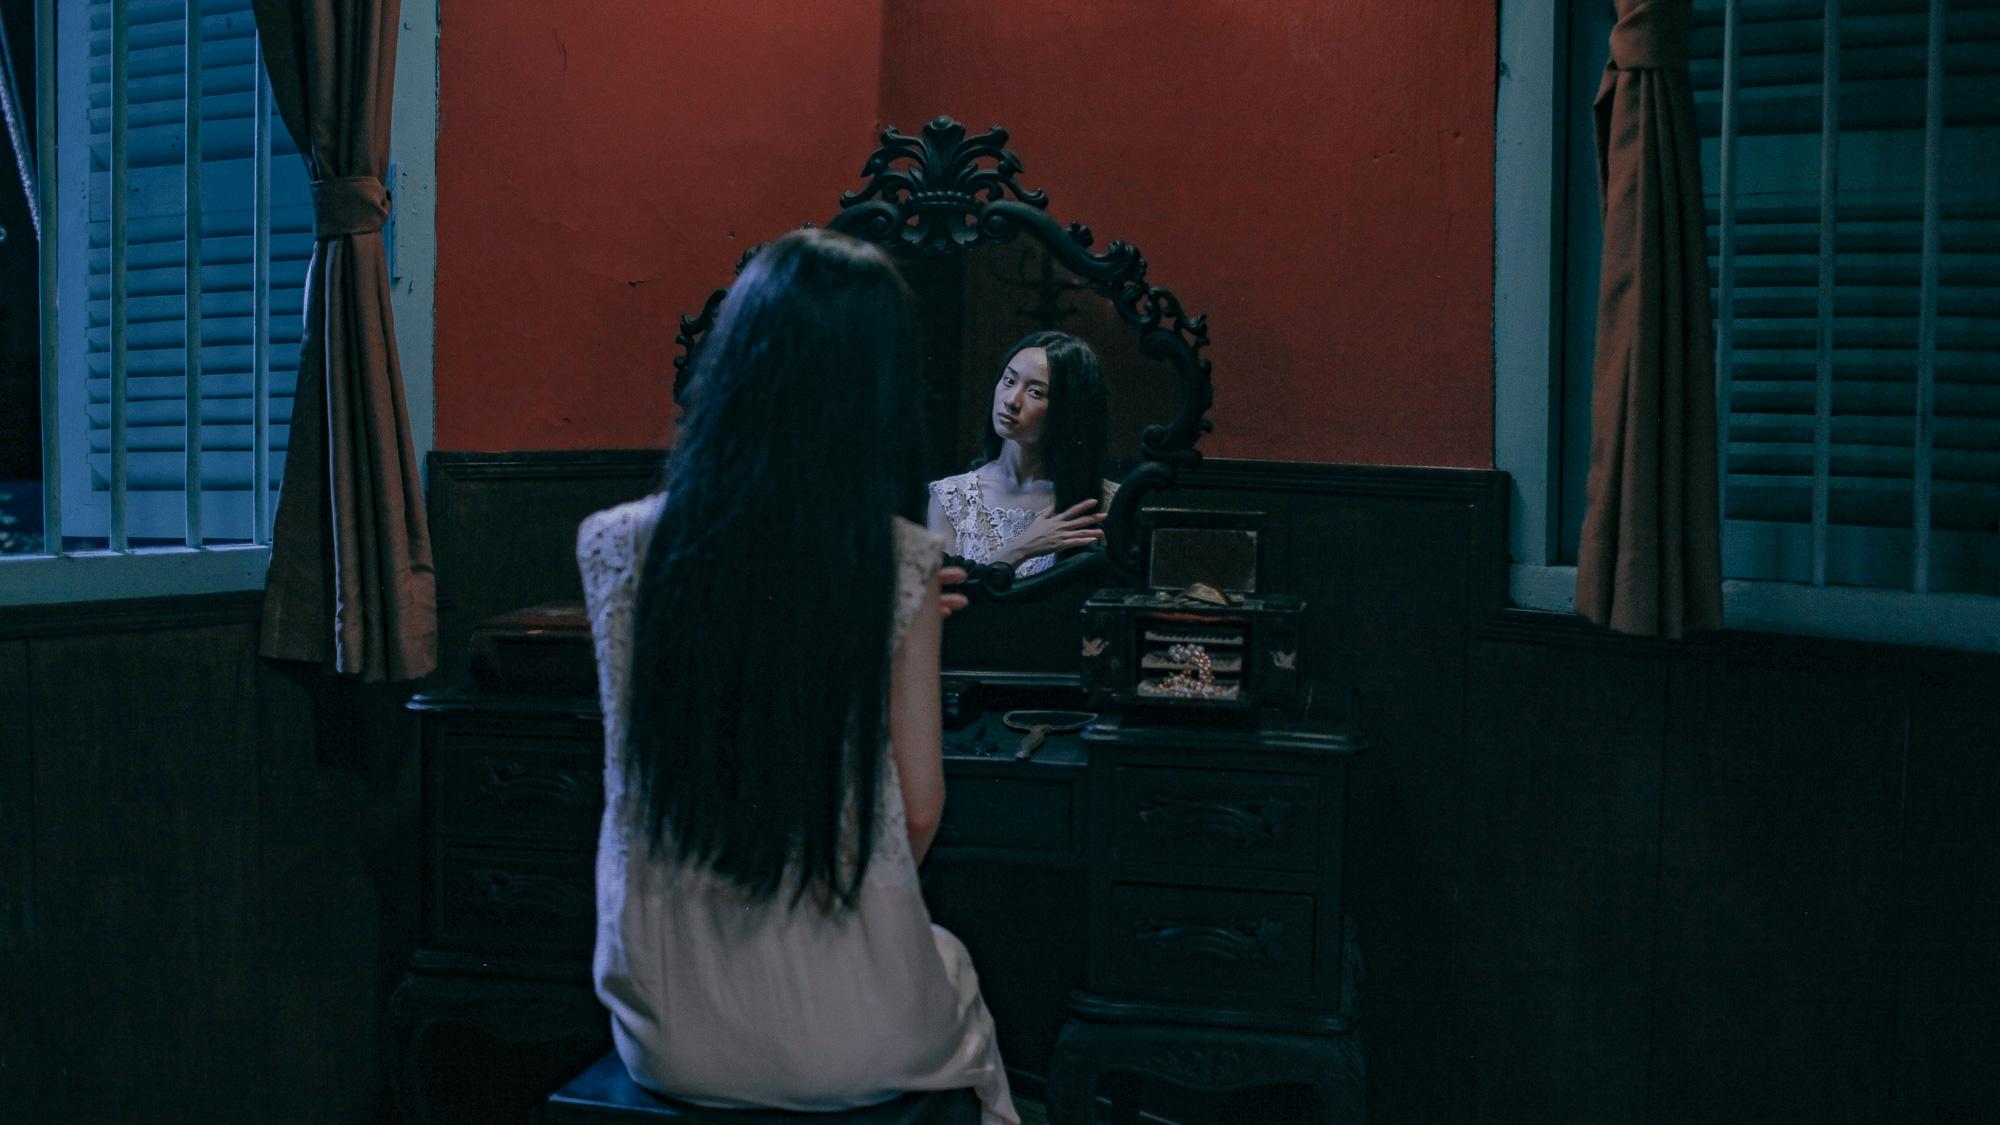 'Hết hồn' khi thấyJun Vũ bất động trước gương như một bóng ma 2